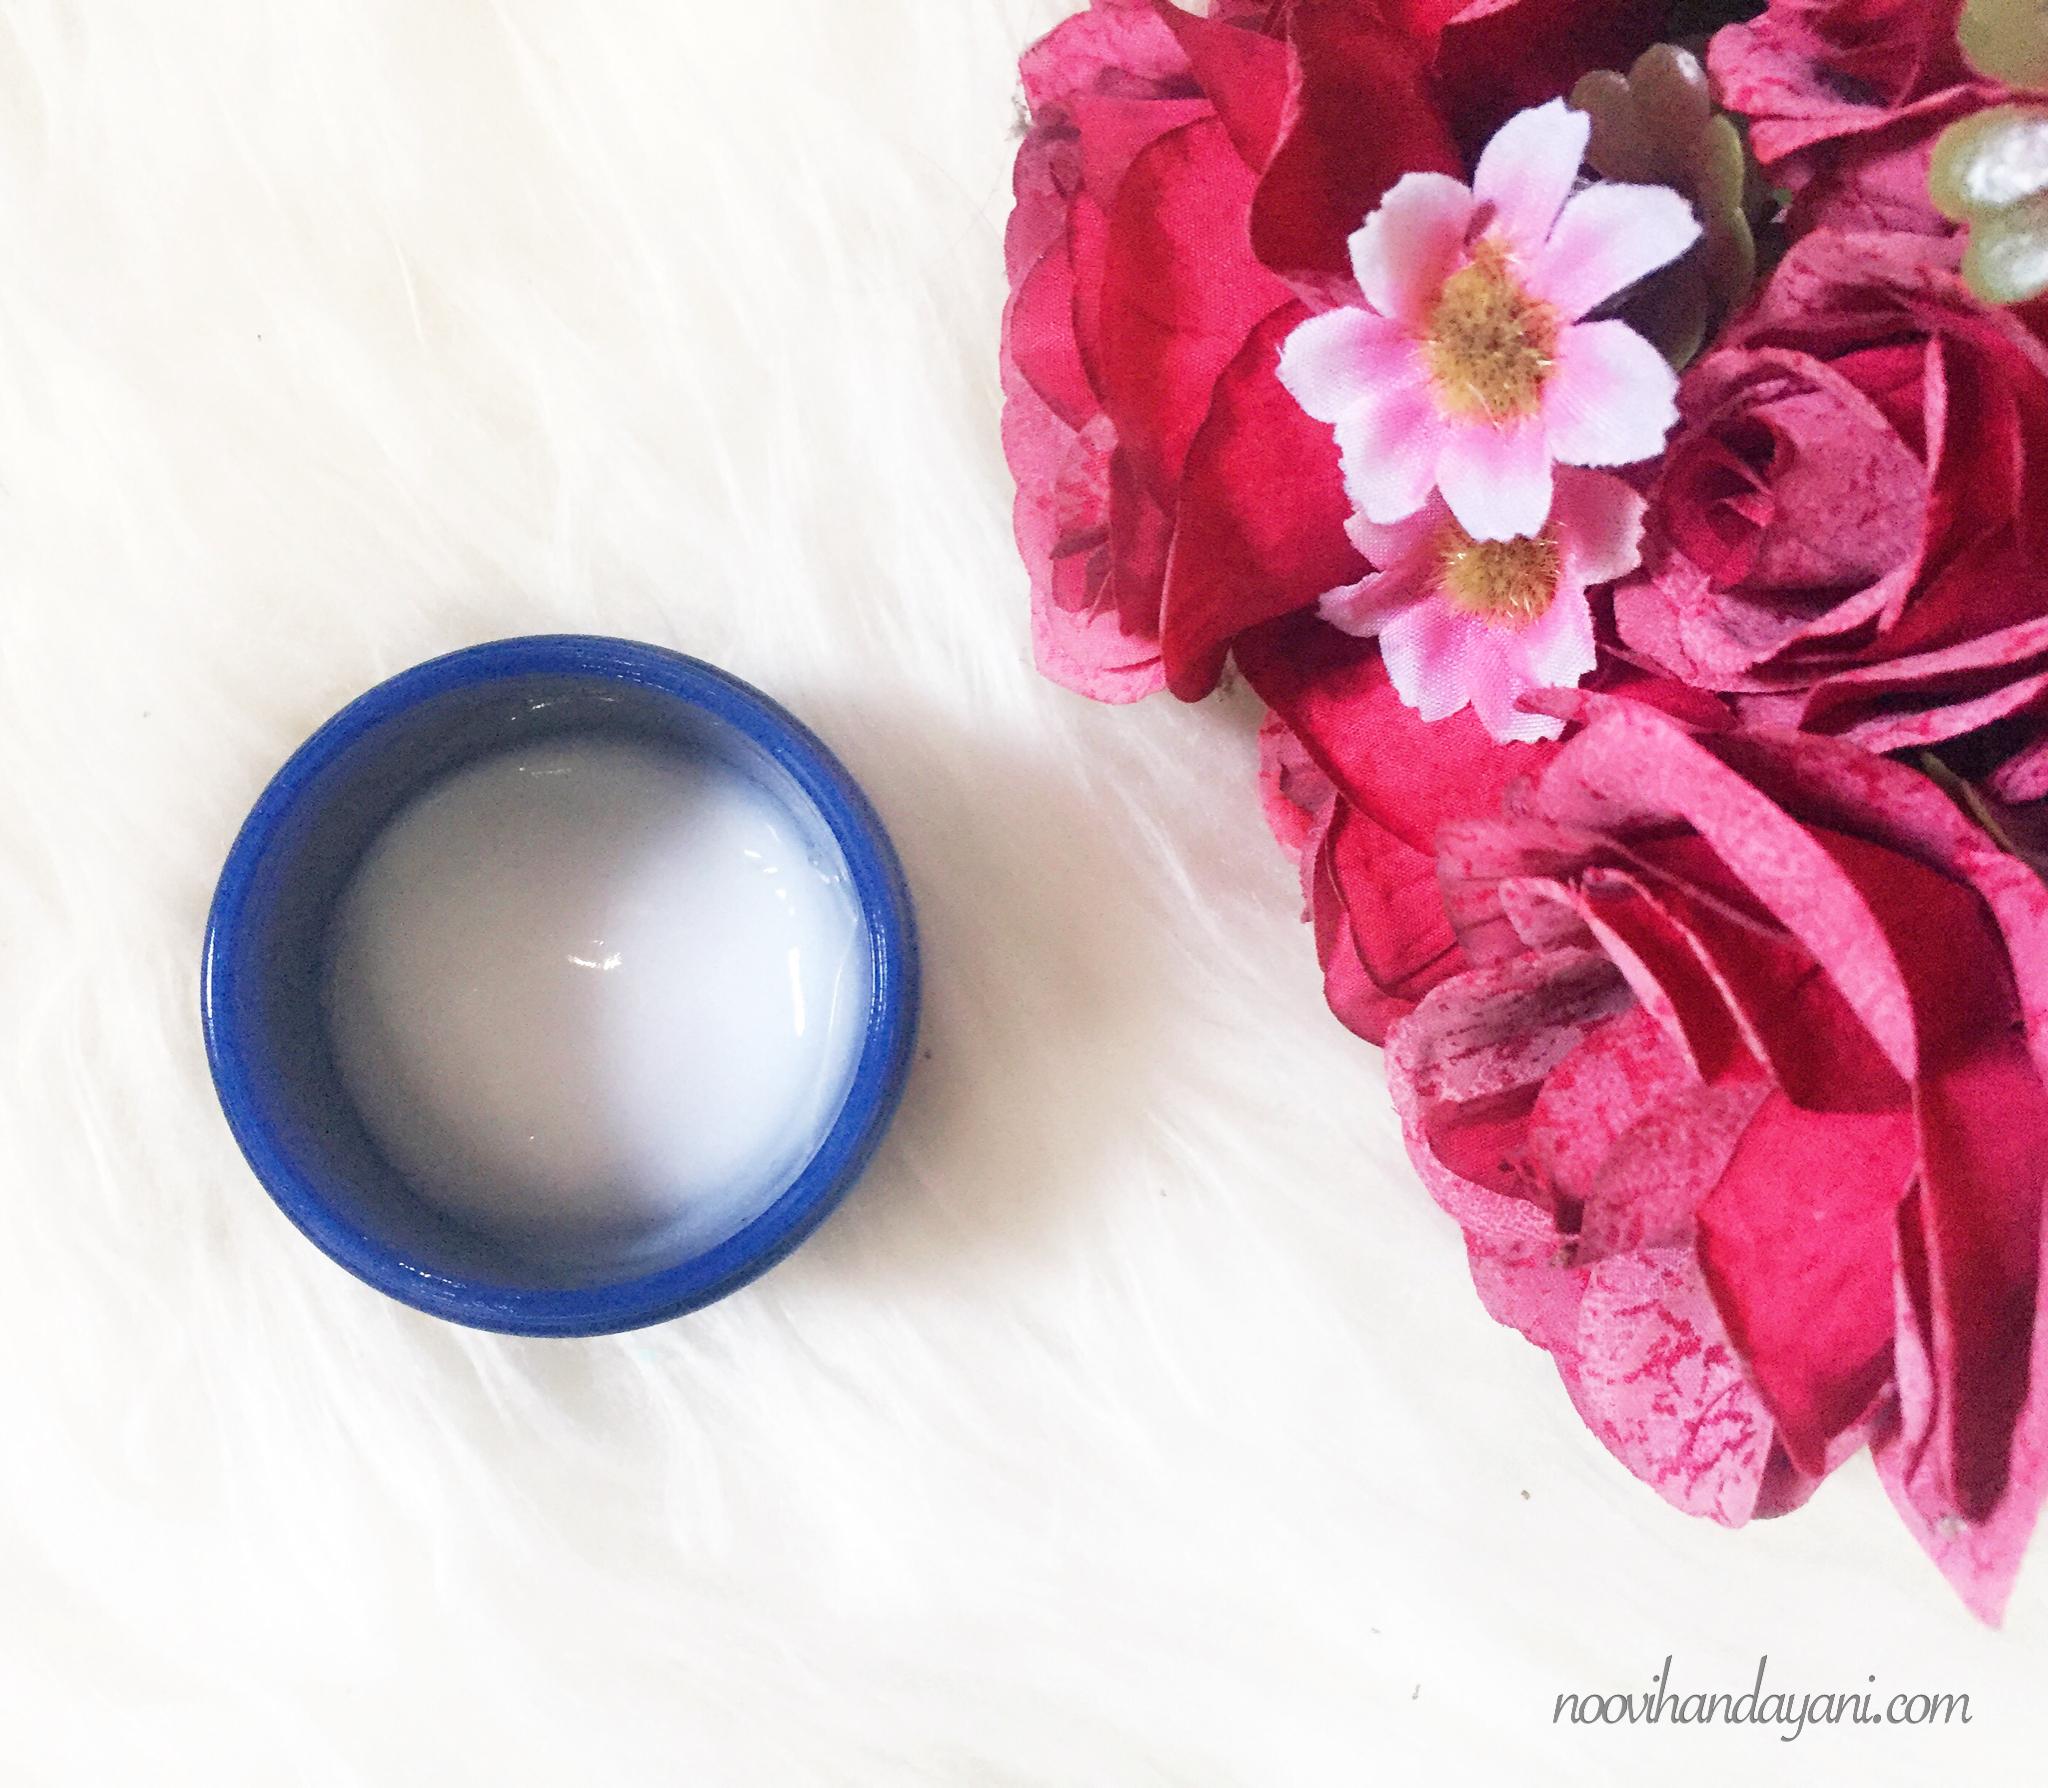 Hada Labo Shirojyun Night Cream